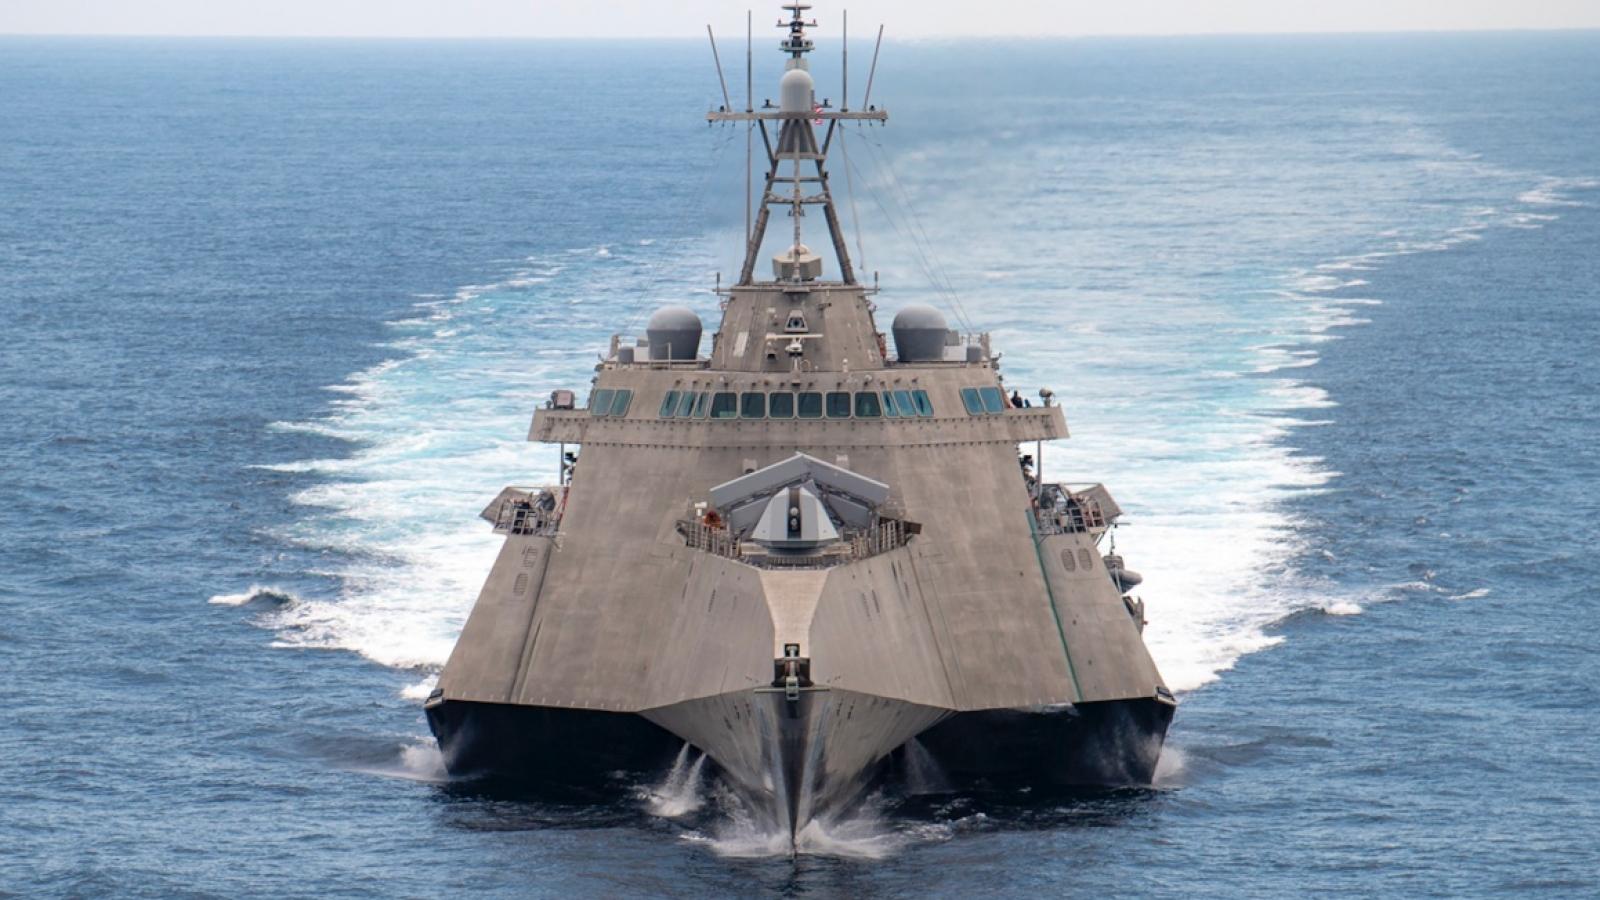 Tên lửa tấn công lợi hại của Mỹ khiến hải quân Trung Quốc e ngại